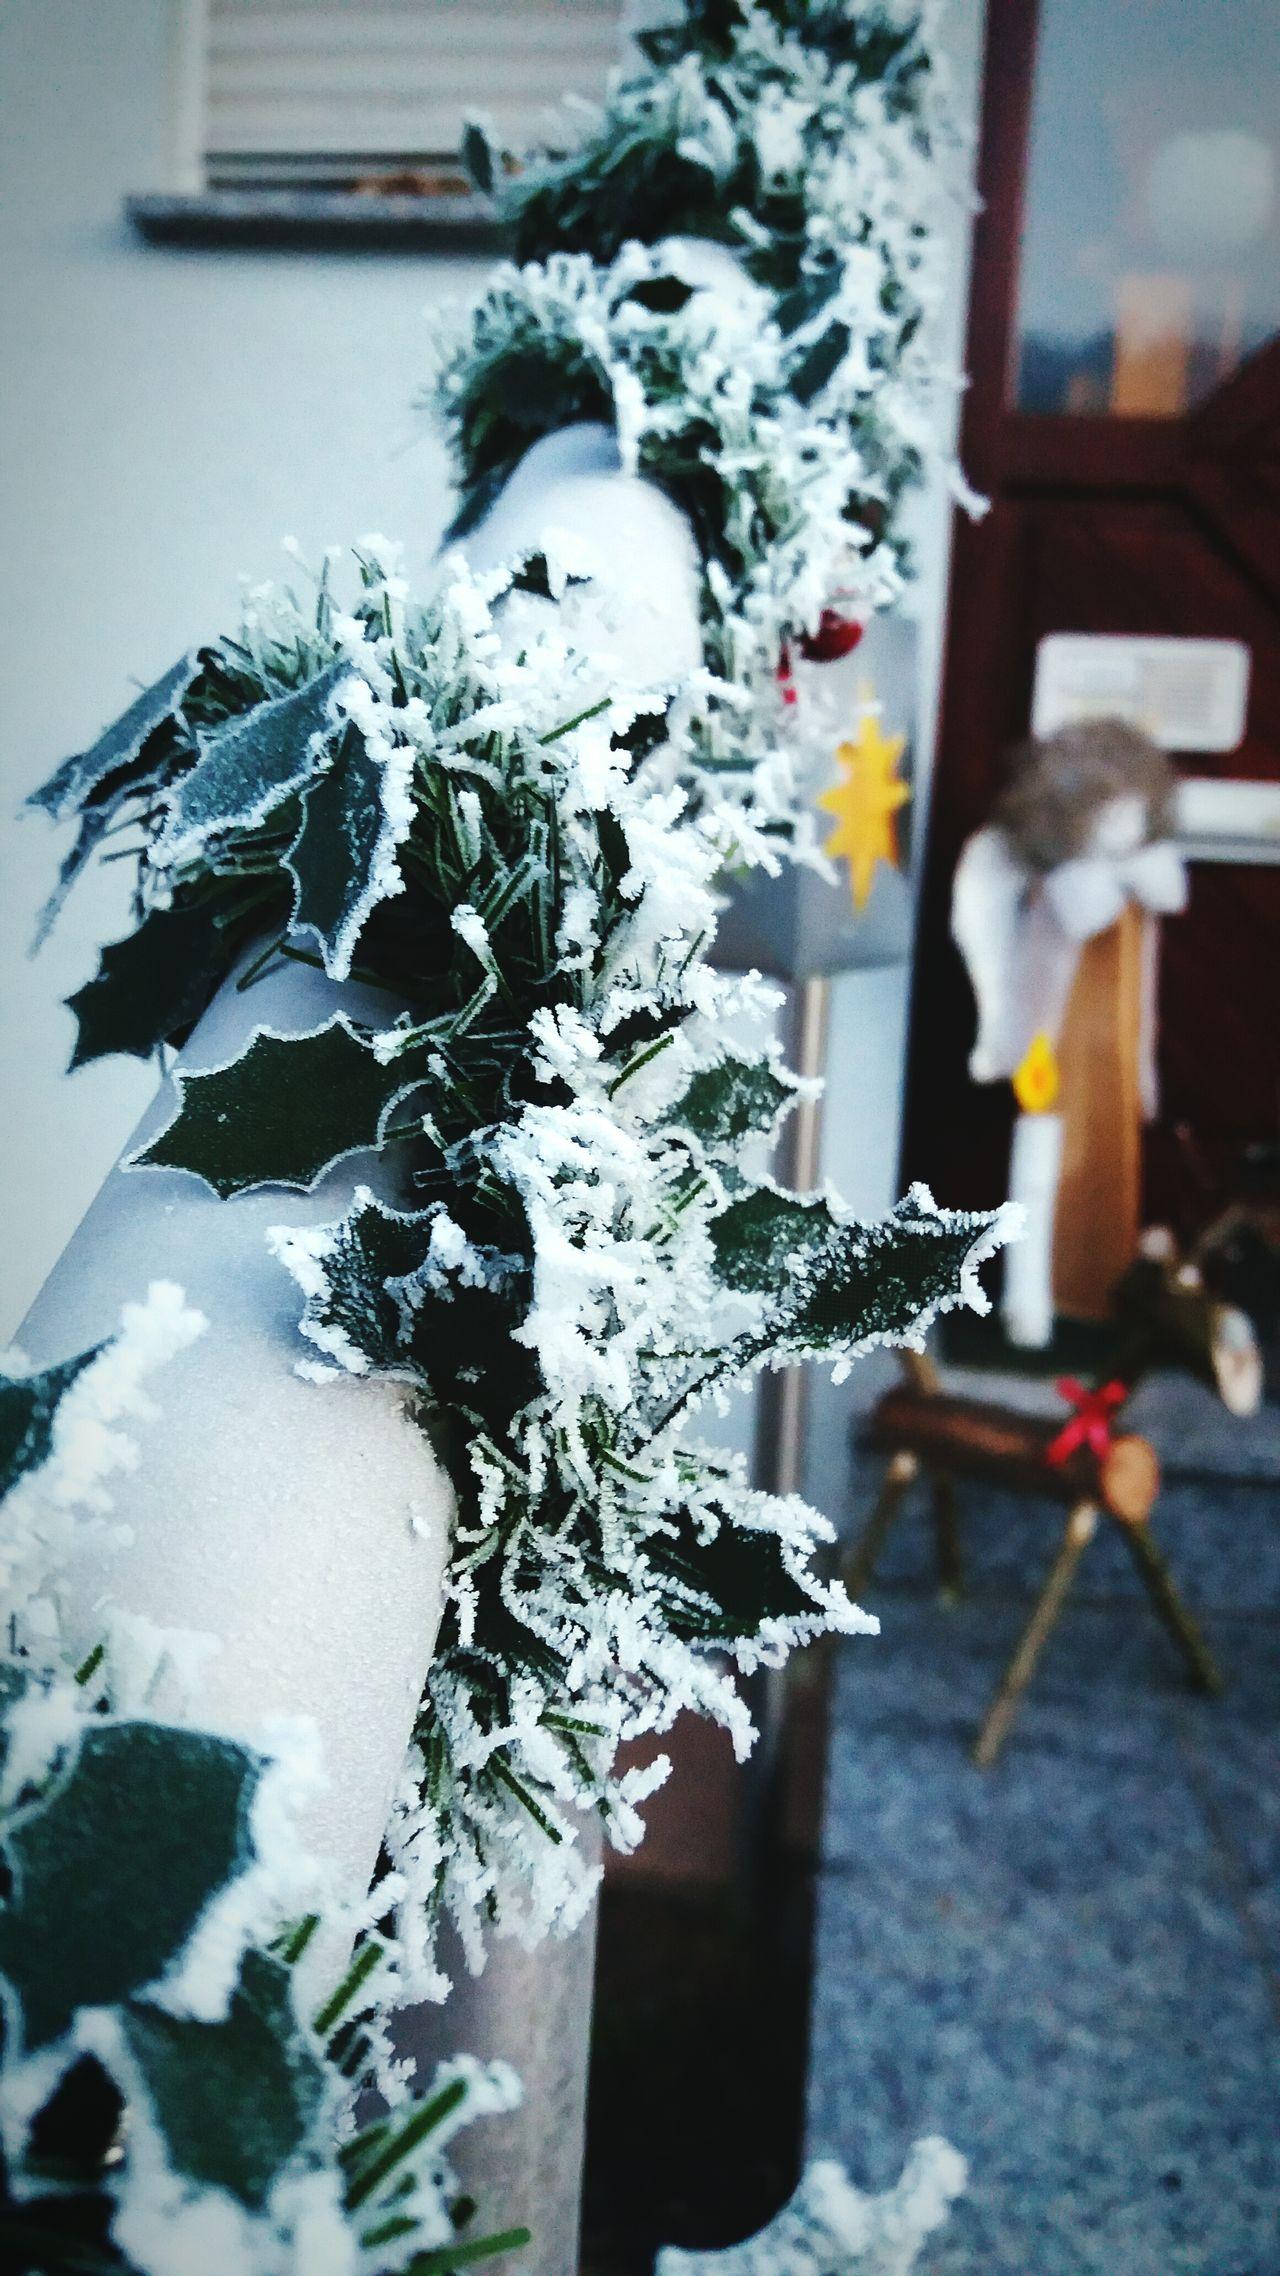 Mein Treppengeländer, bei - 12° Celsius Chrismastime Decoration Winter Morning